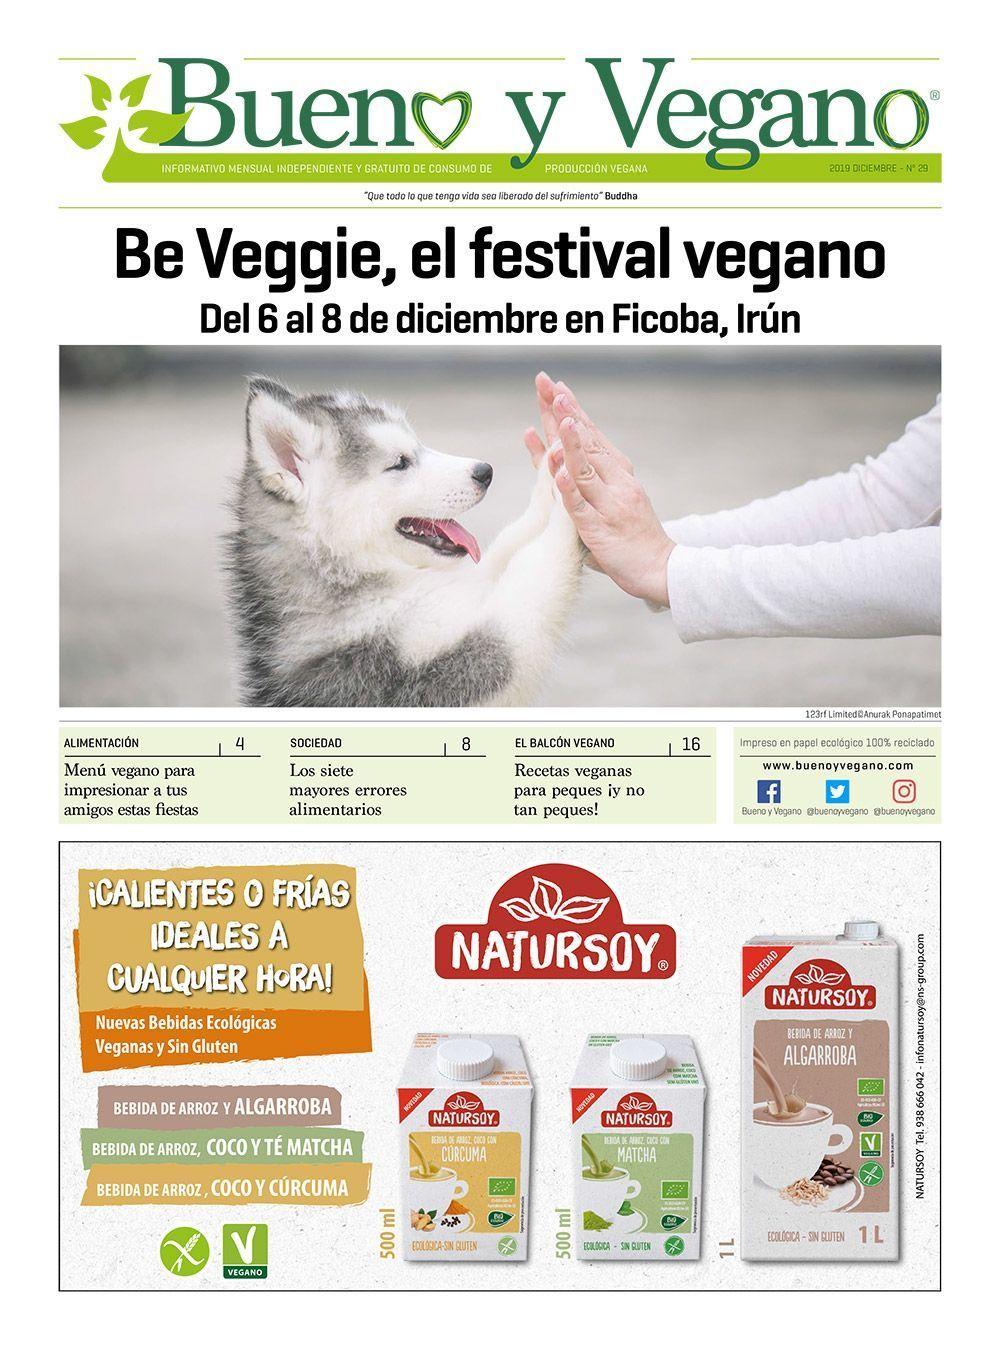 Bueno y Vegano Diciembre 2019 beveggie veganismo prensa independiente alimentación vegana